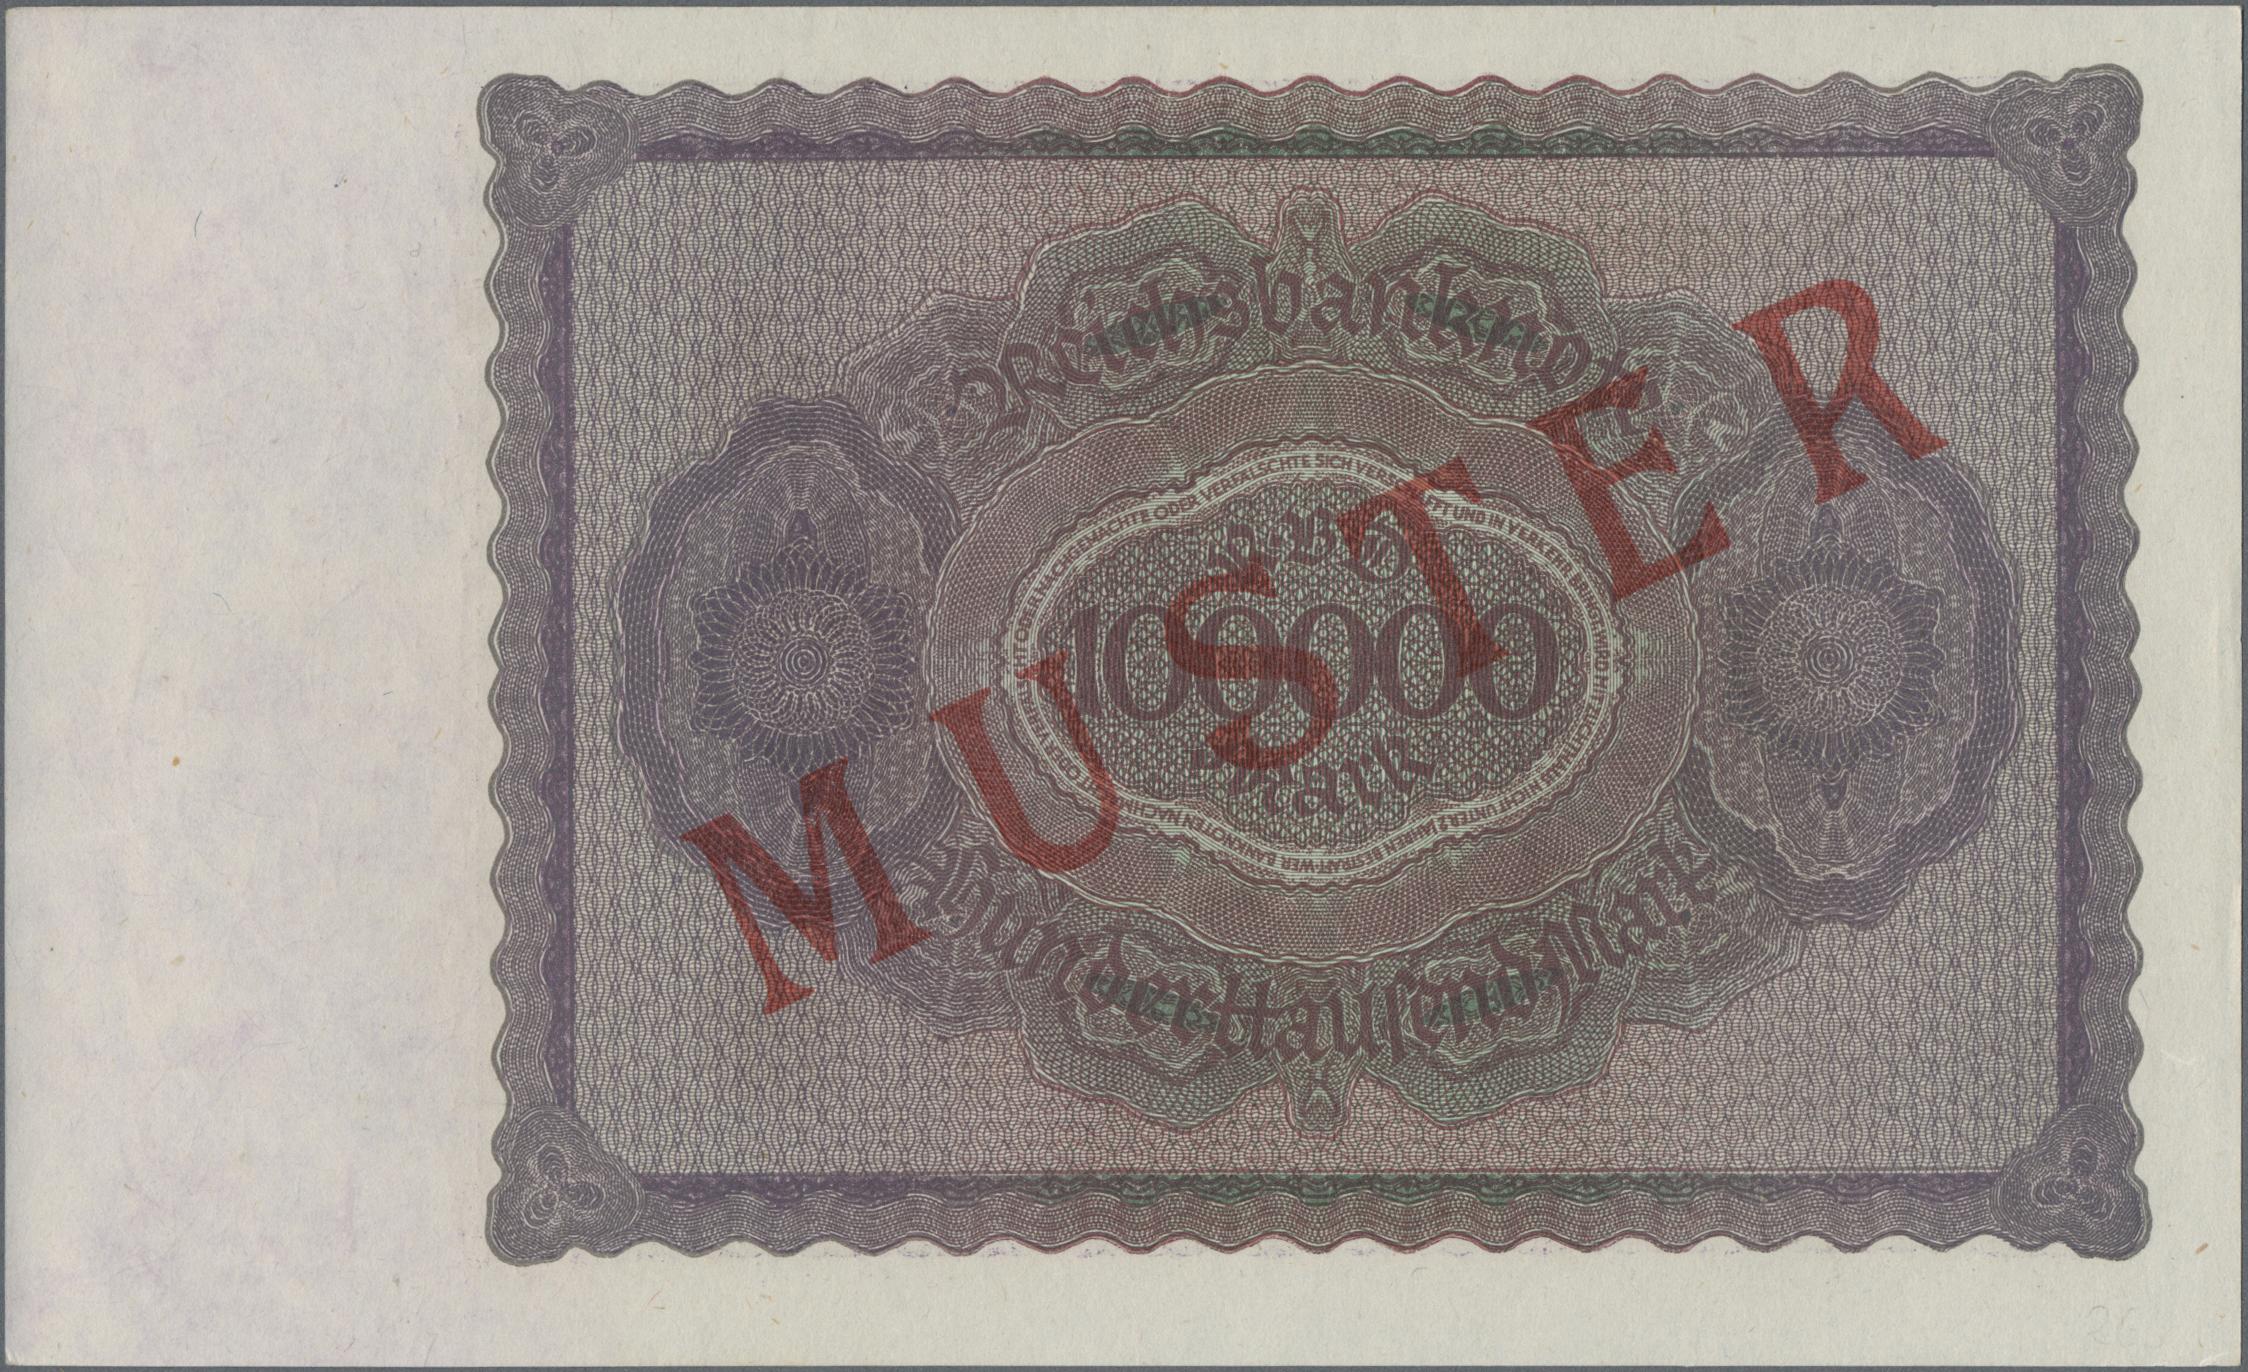 Lot 03331 - Deutschland - Deutsches Reich bis 1945 | Banknoten  -  Auktionshaus Christoph Gärtner GmbH & Co. KG Sale #45 Banknotes Germany/Numismatics